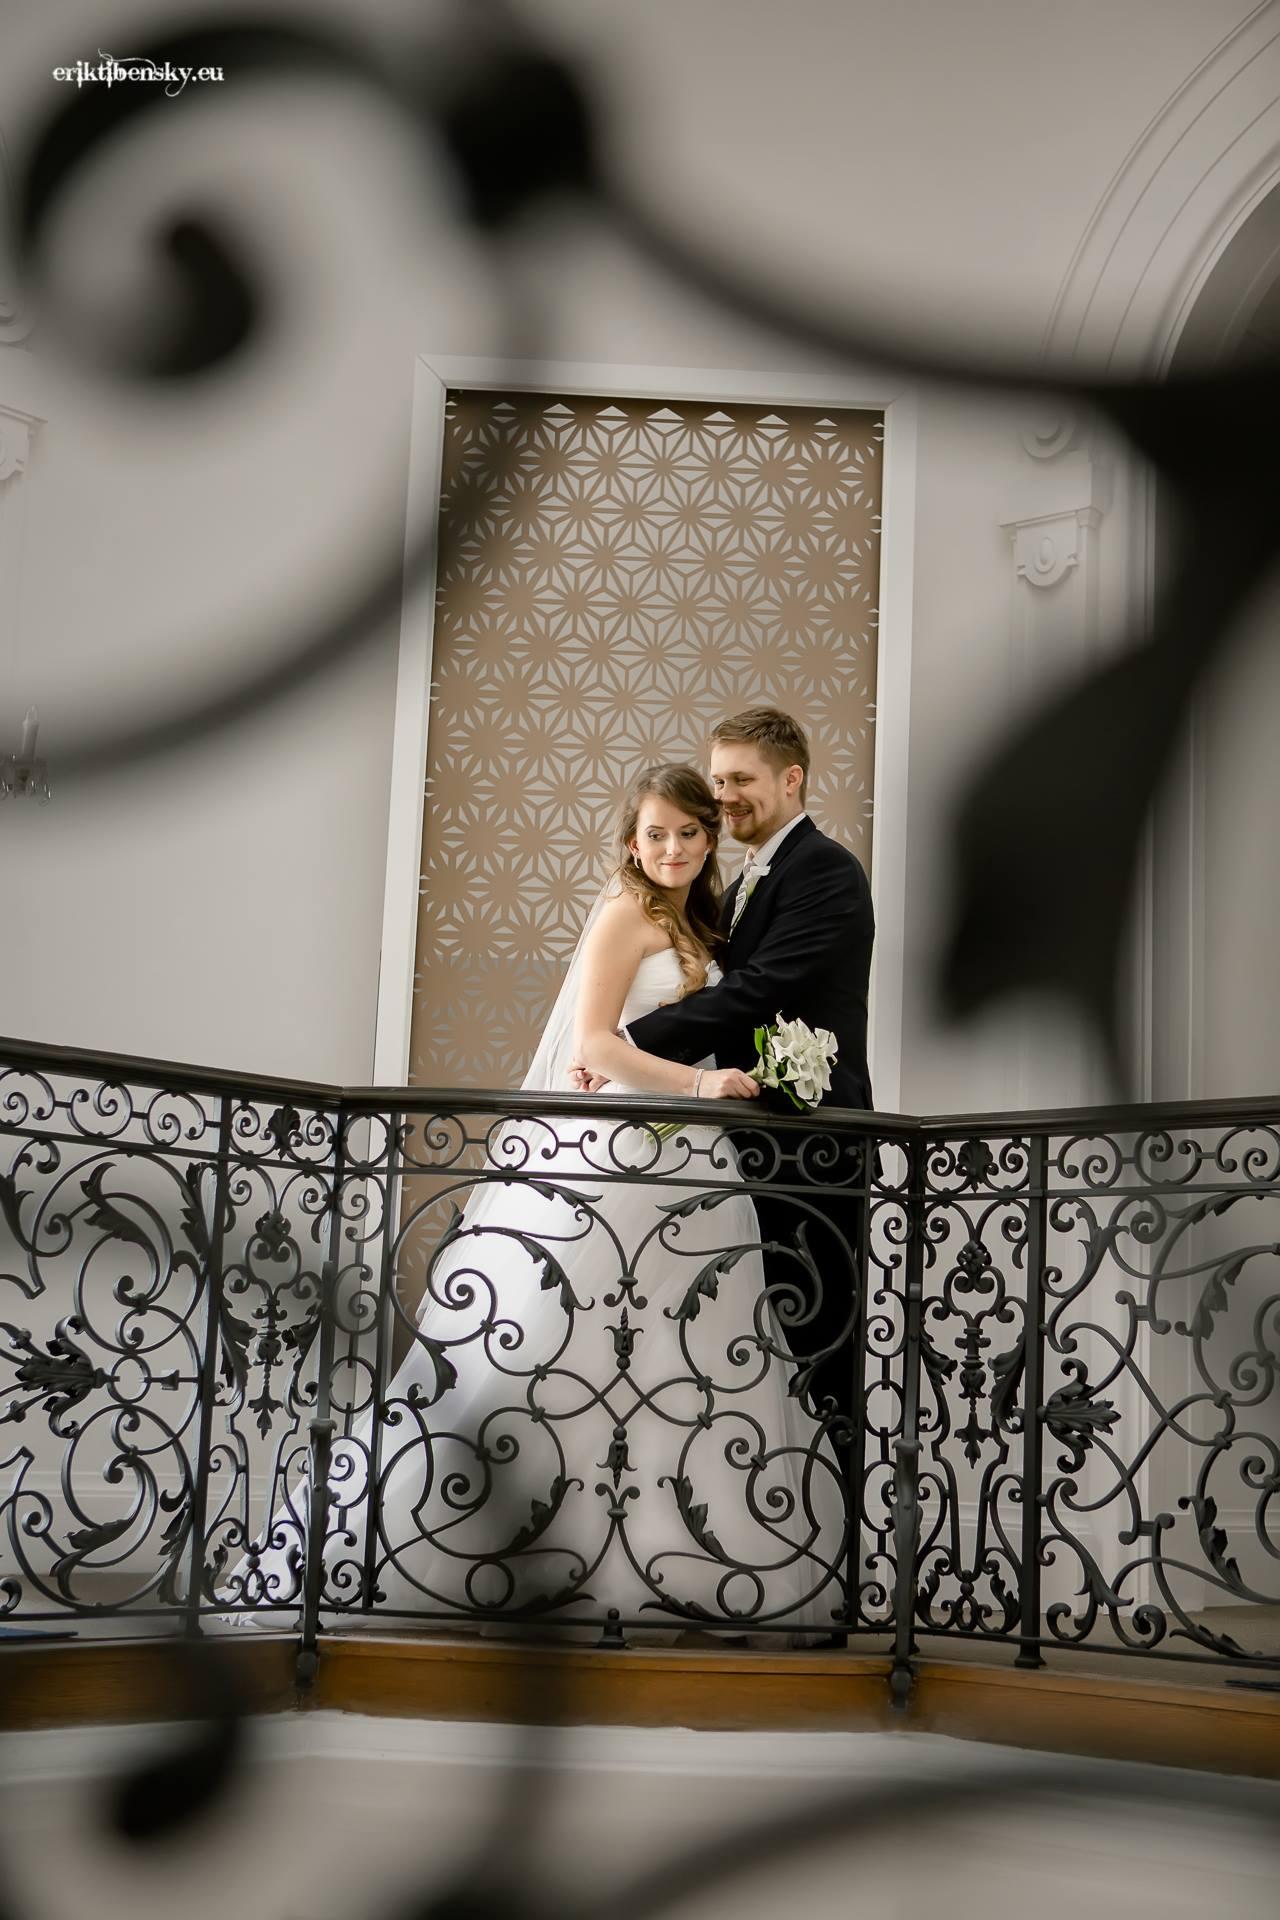 eriktibensky.eu-svadobny-fotograf-wedding-photographer-budmerice-ivana-matej-1002